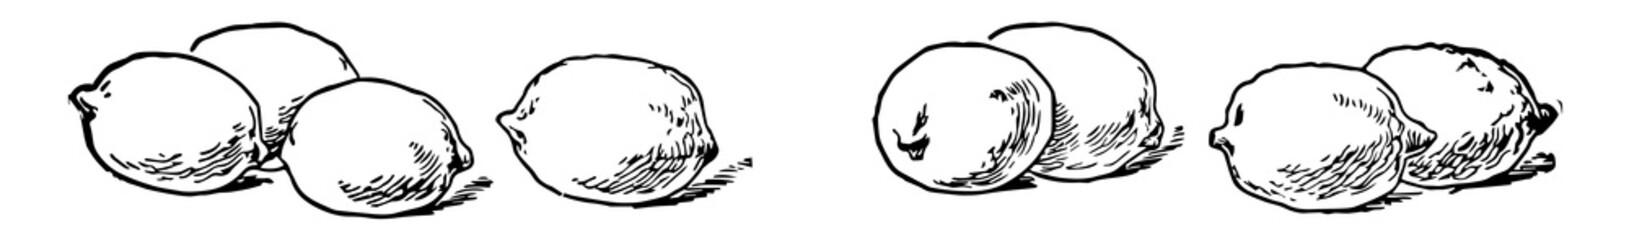 Eight lemons, vintage illustration